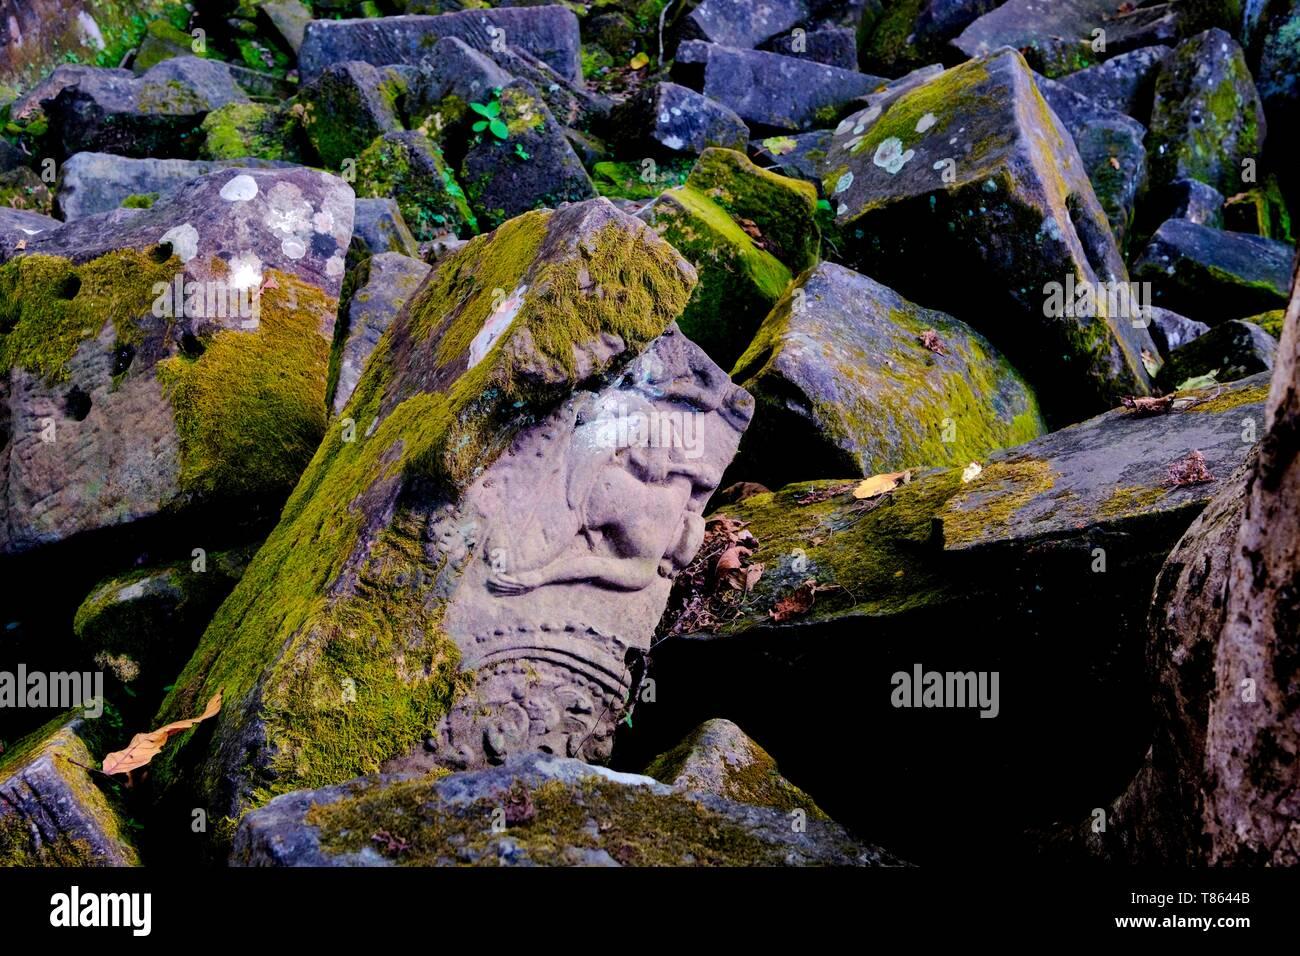 fef17b91a71e4 Cambodia, Preah Vihear province, temple complex of Koh Ker, dated 9 to 12